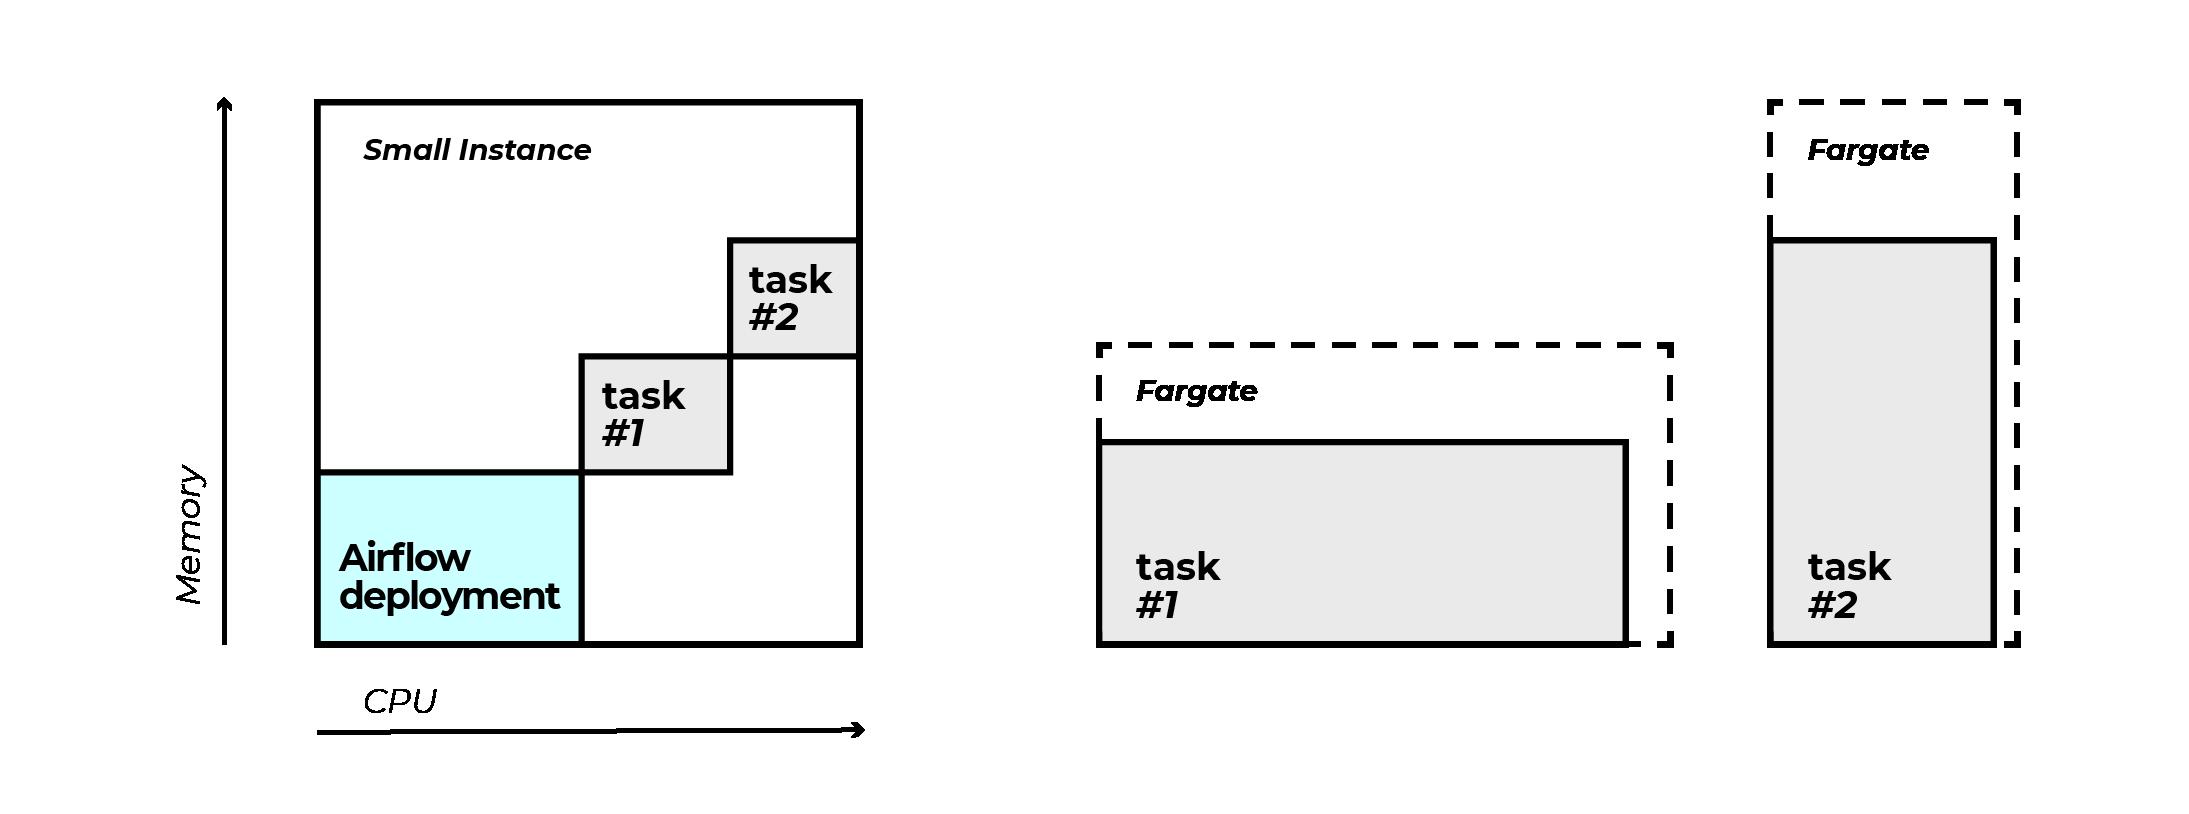 Fargate as an executor